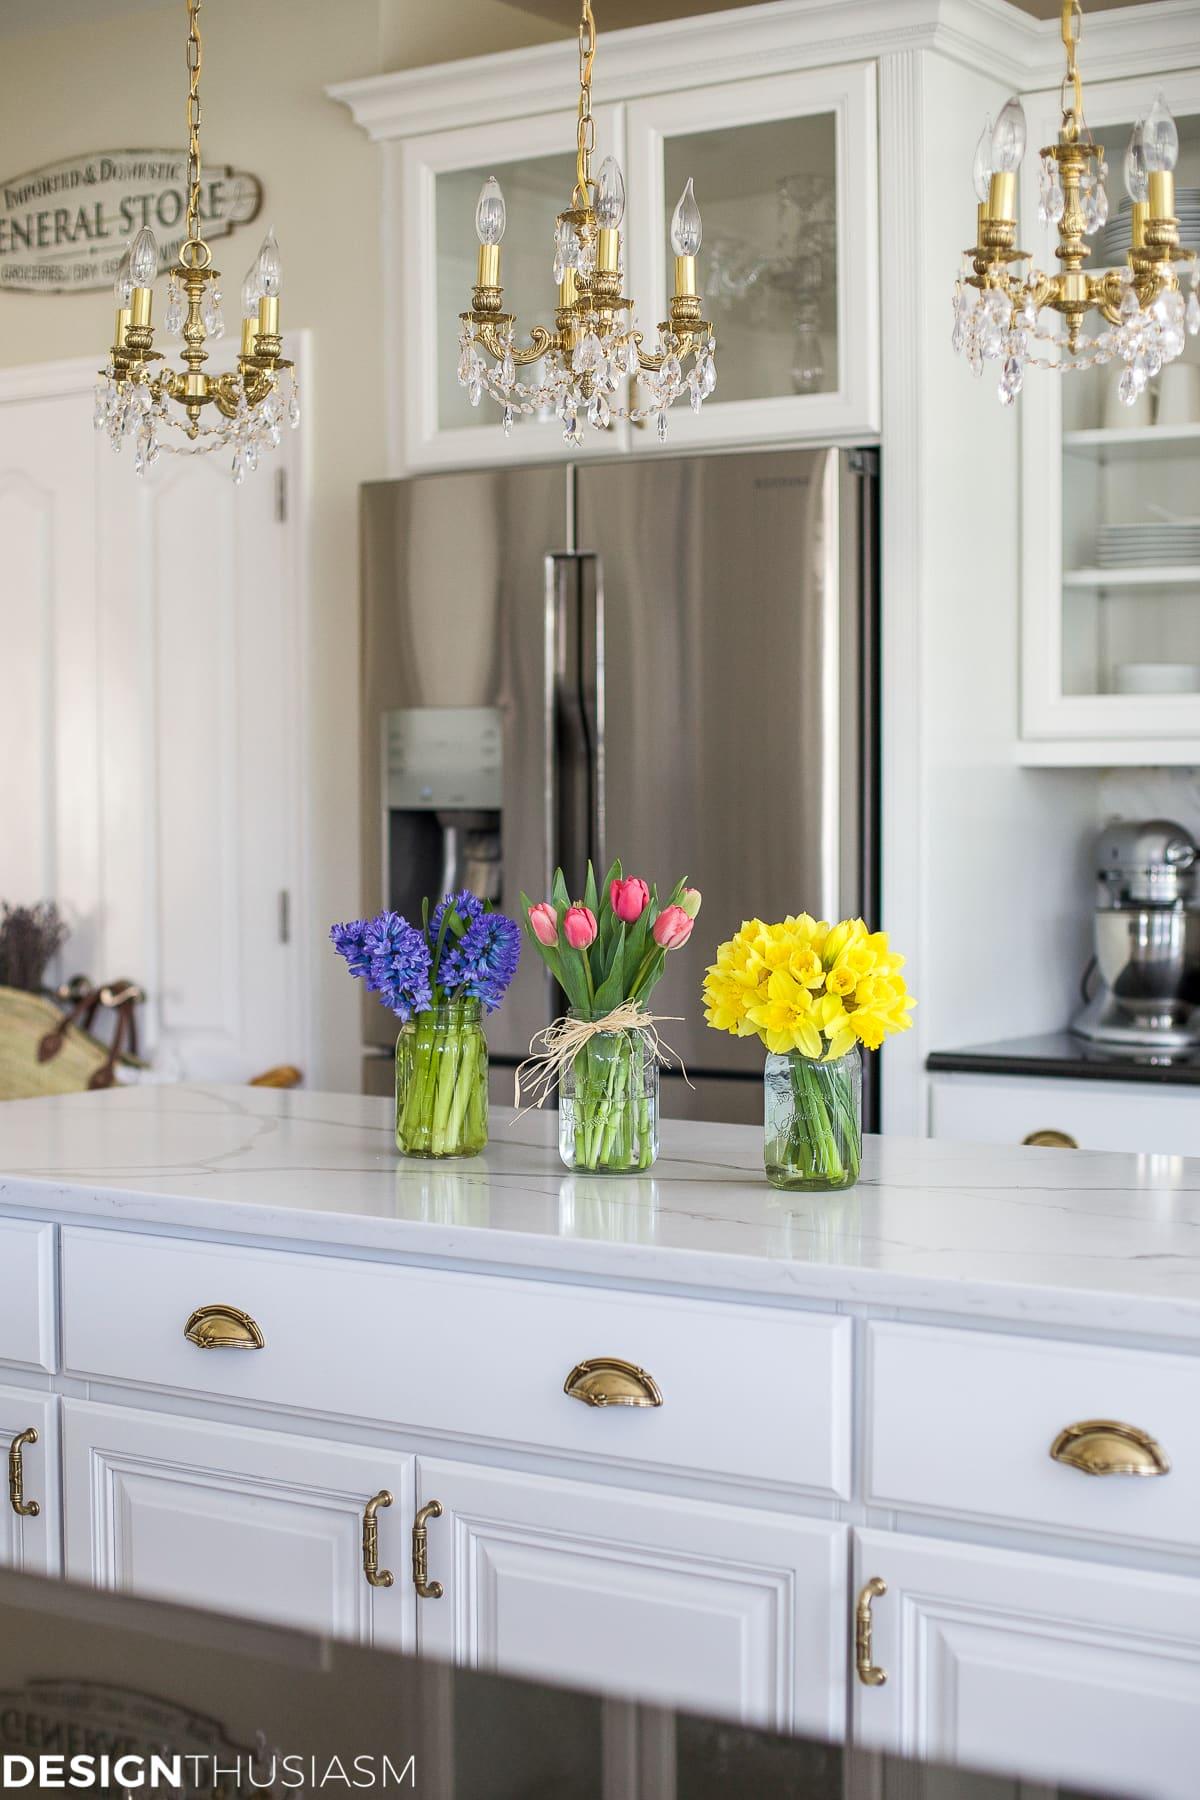 Spring Room Decor | 6 ways to add spring cheer to your home | designthusiasm.com